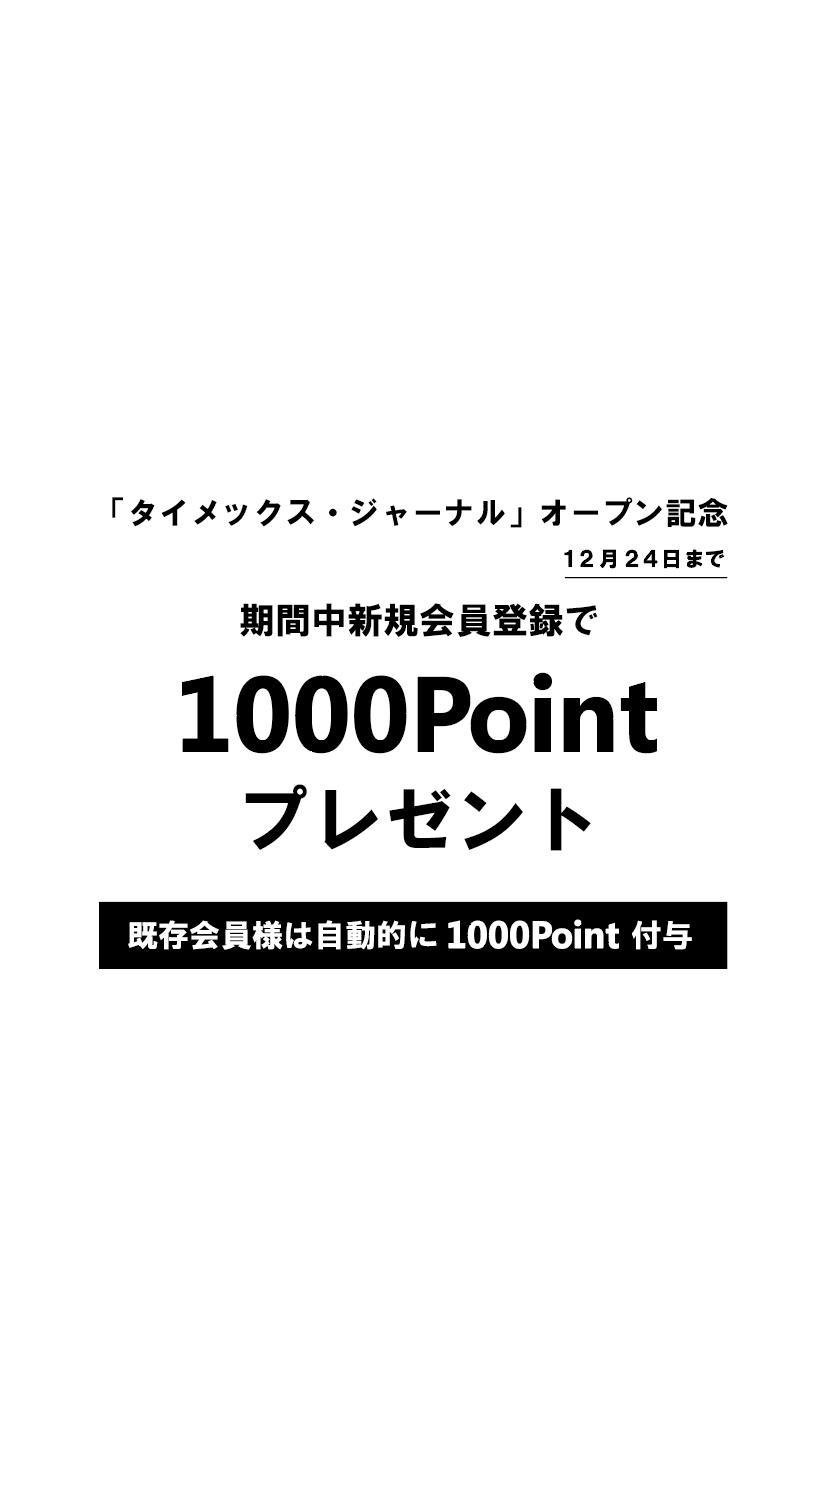 『タイメックス・ジャーナル』オープン記念!1000Pointプレゼント